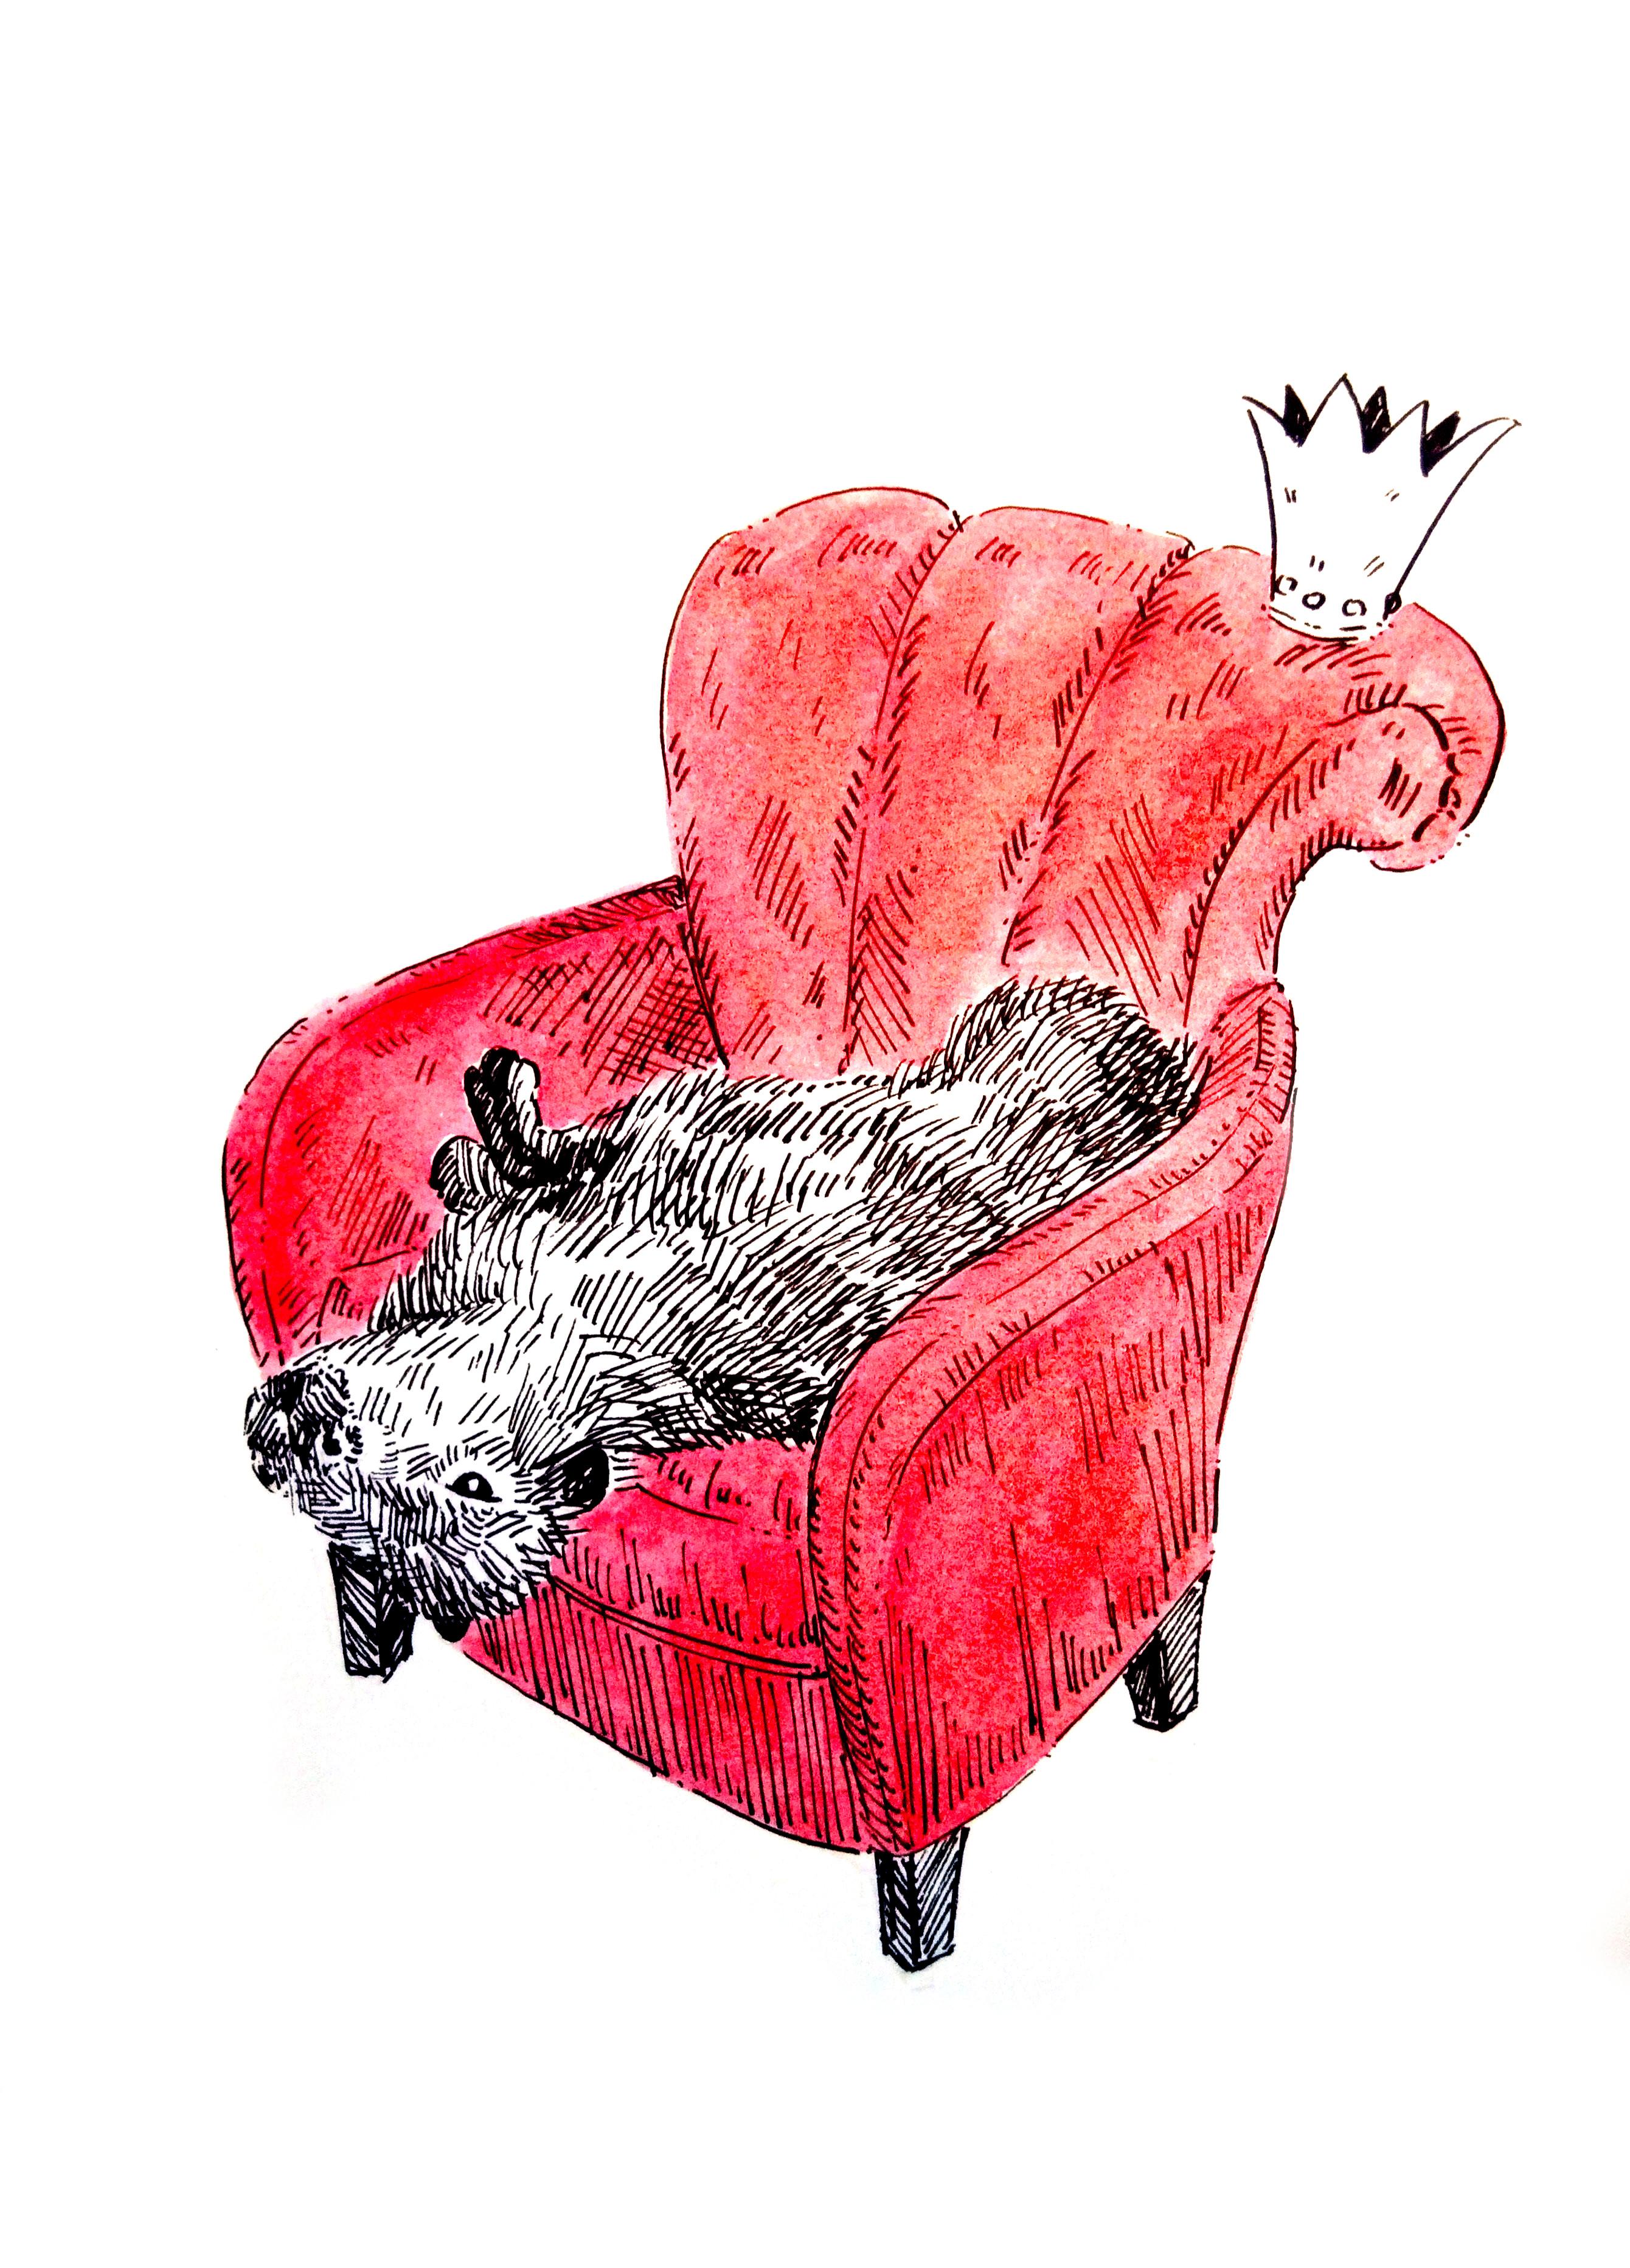 201212-carybara-king-crown_Melanie Franz